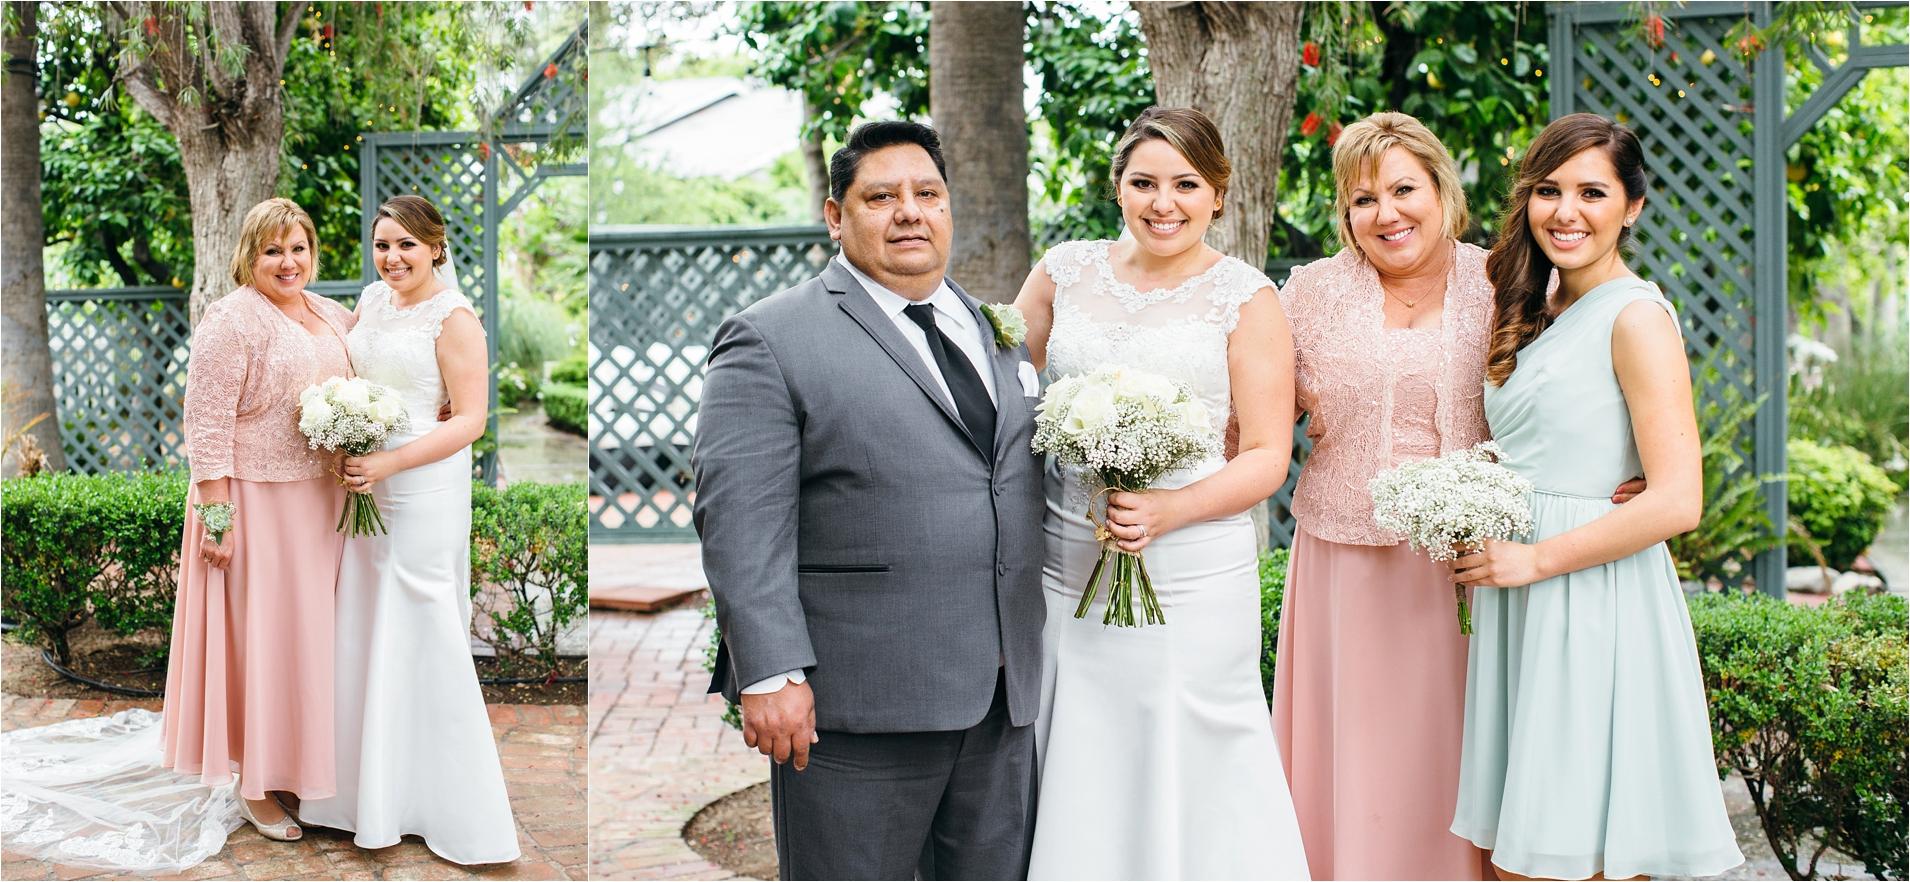 christmas-house-wedding-rancho-cucamonga_0706.jpg